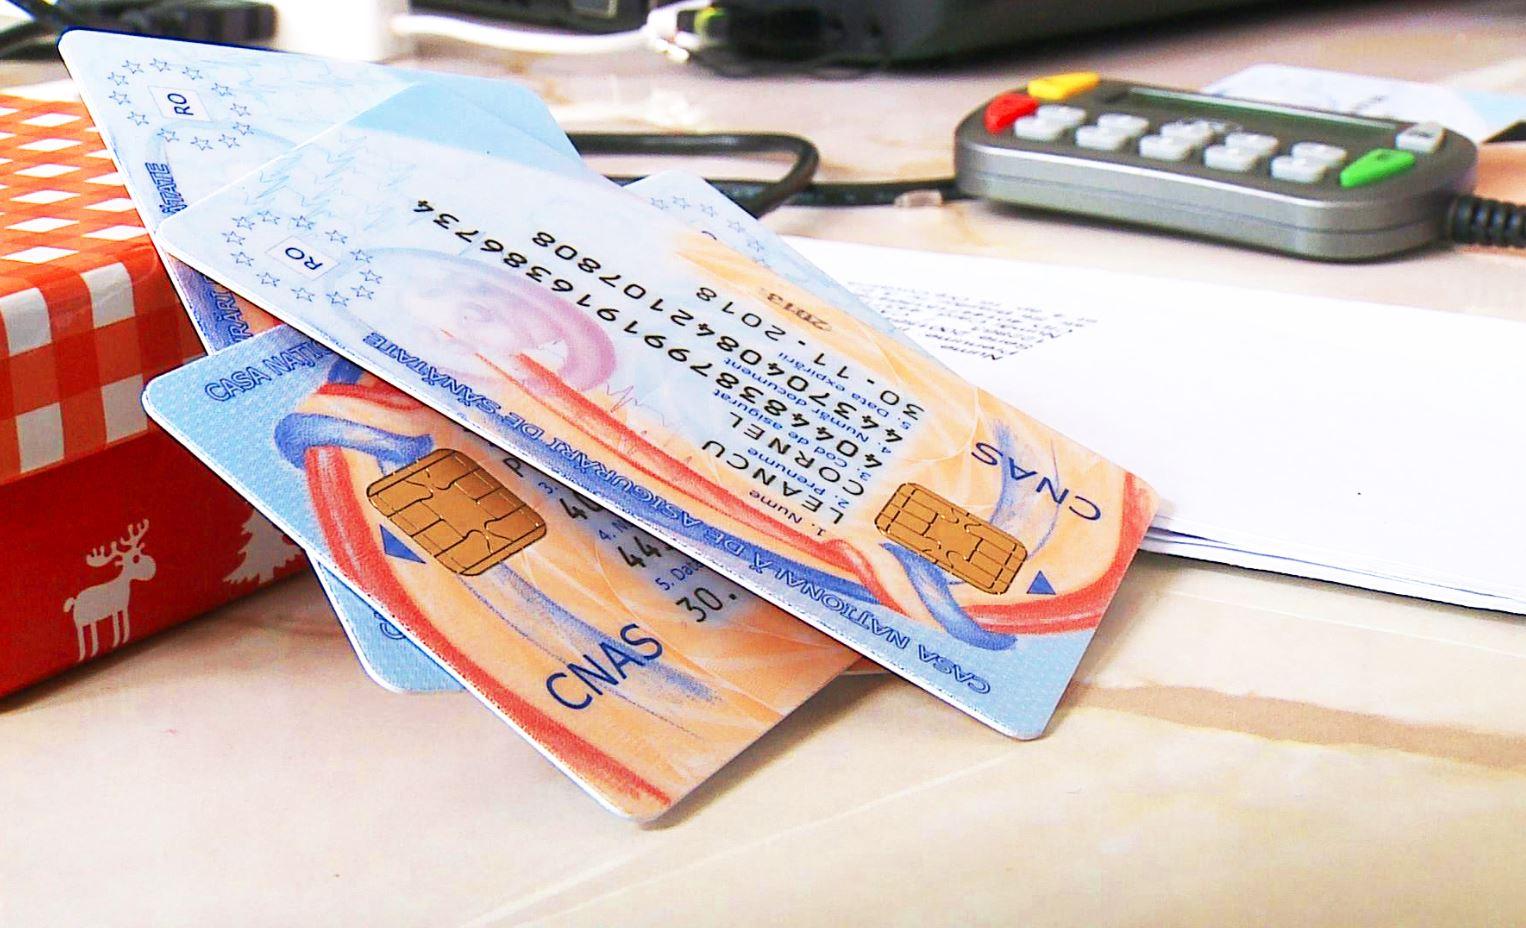 Cardul de sanatate devine obligatoriu de miercuri, 1 iulie, pentru unele servicii medicale